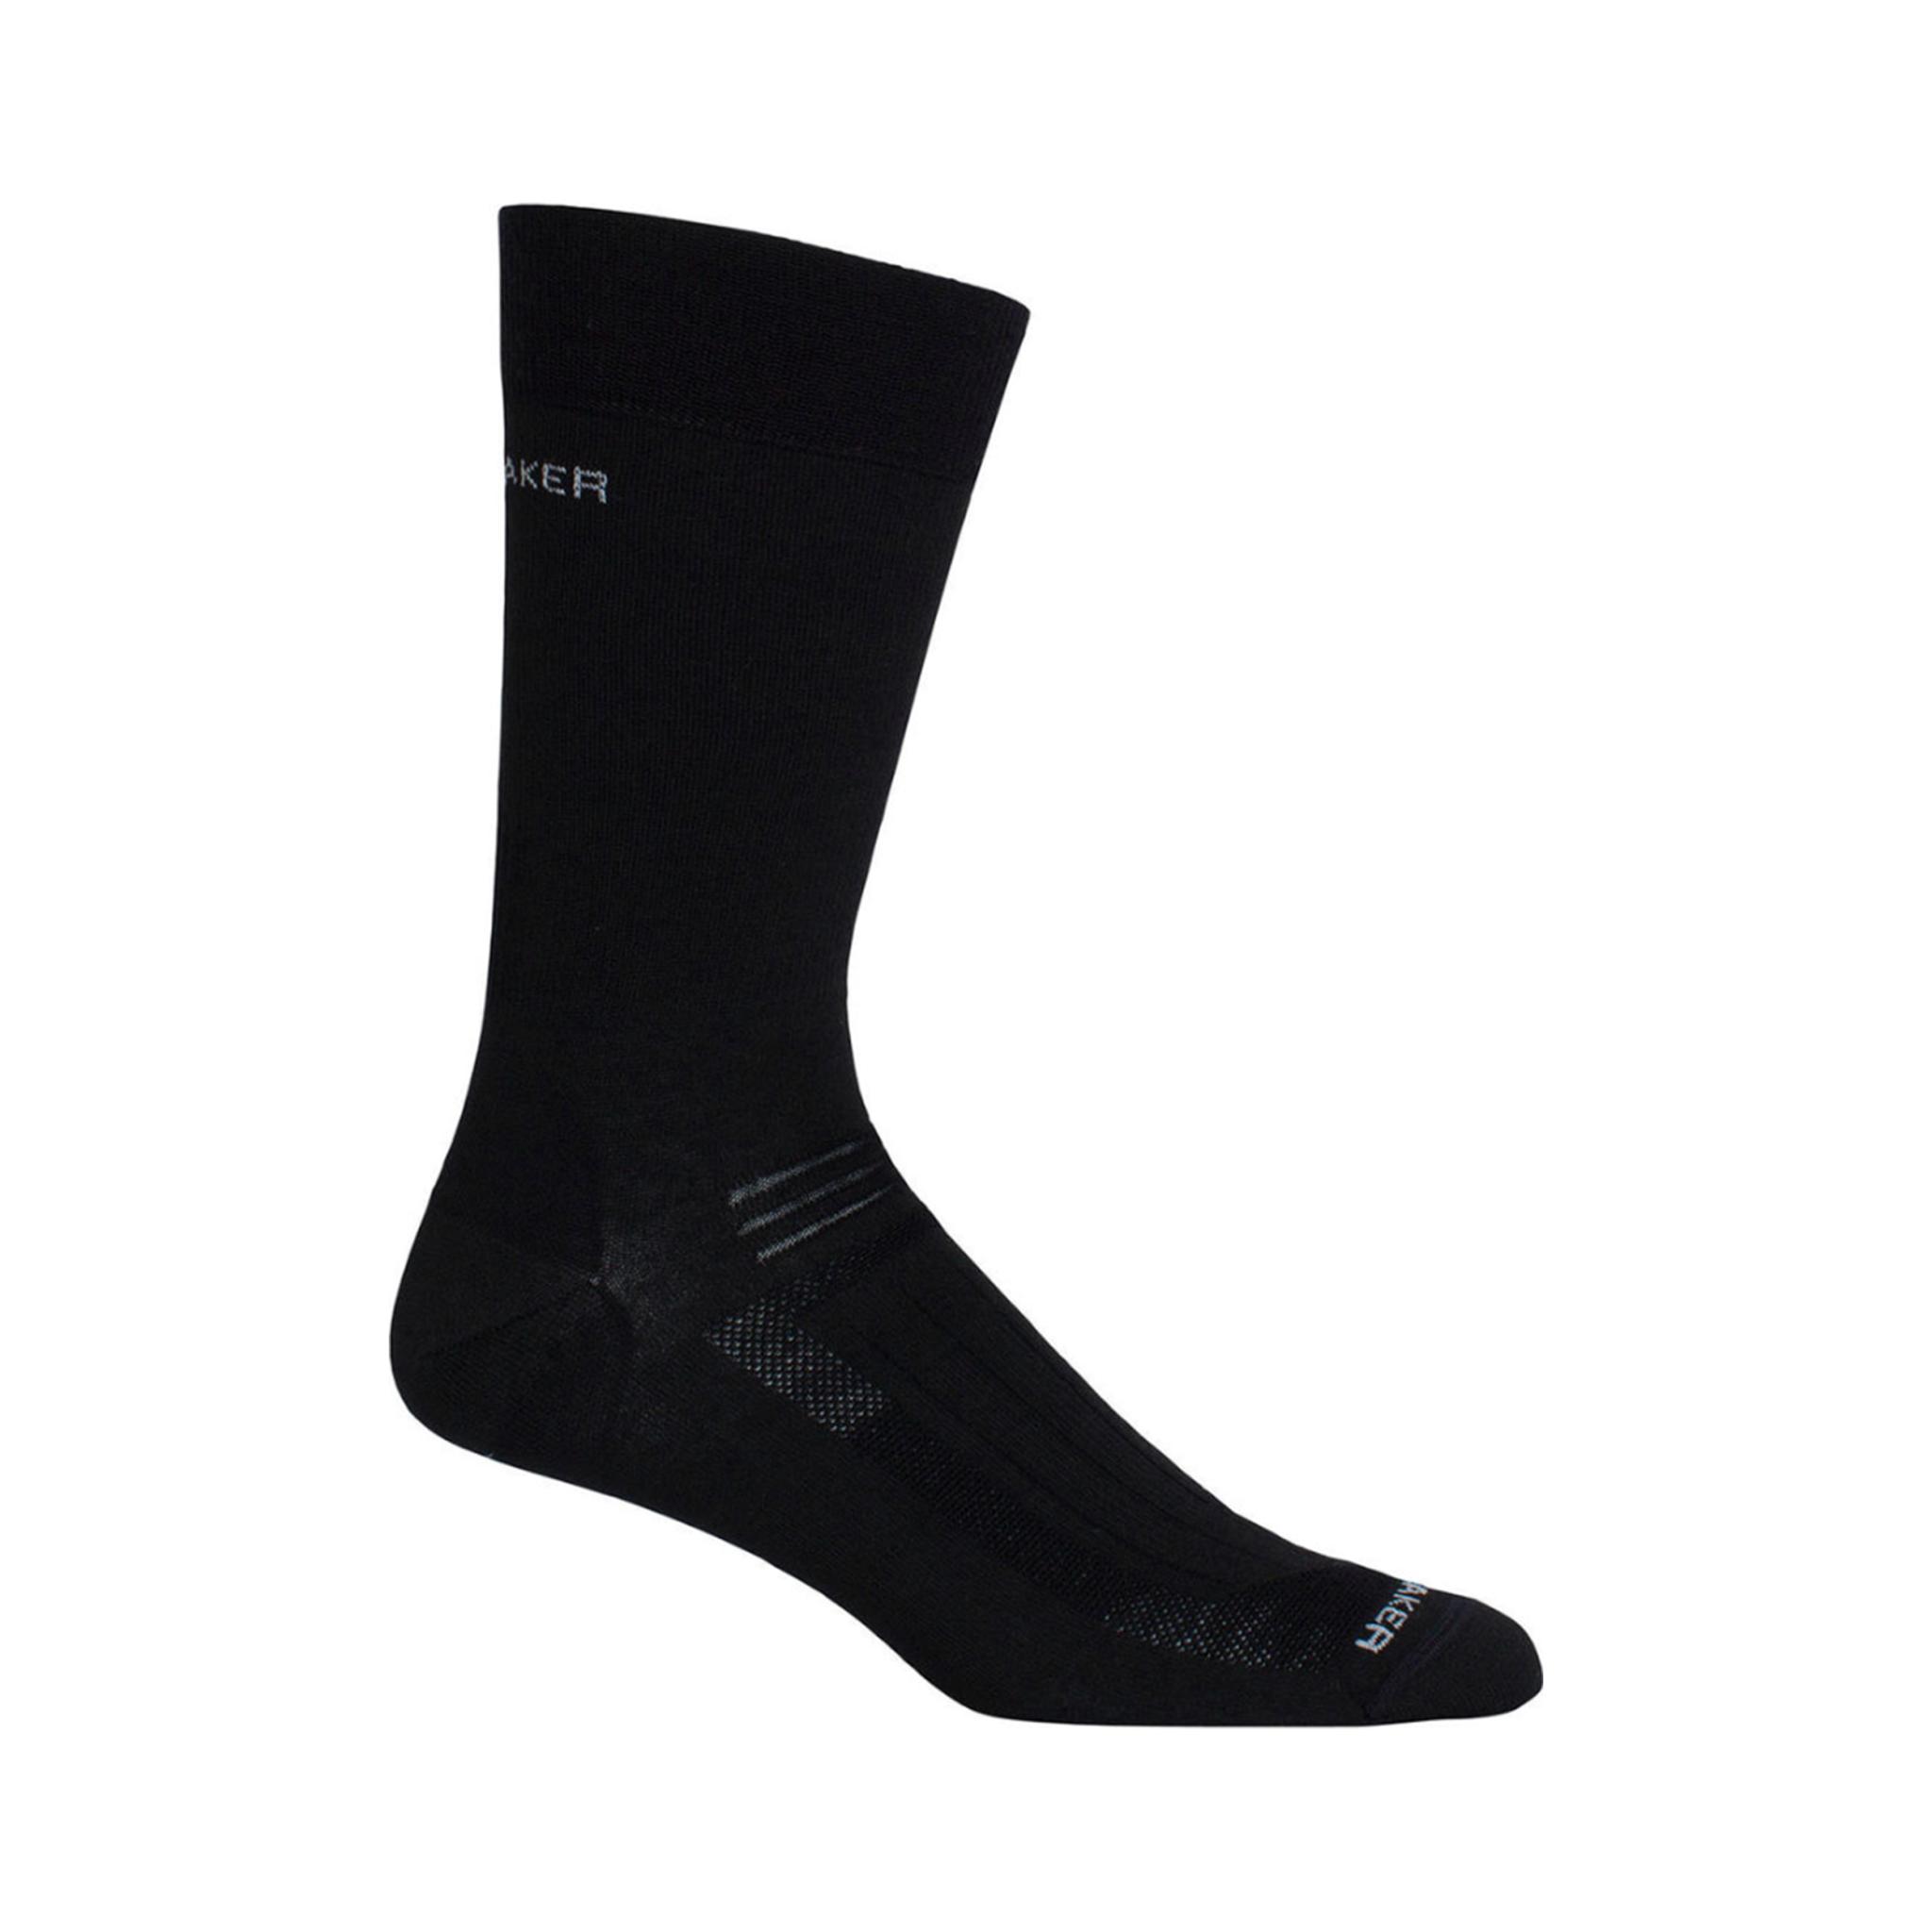 Icebreaker Merino Clothing Inc Icebreaker Men's Hike Liner Crew Black Socks